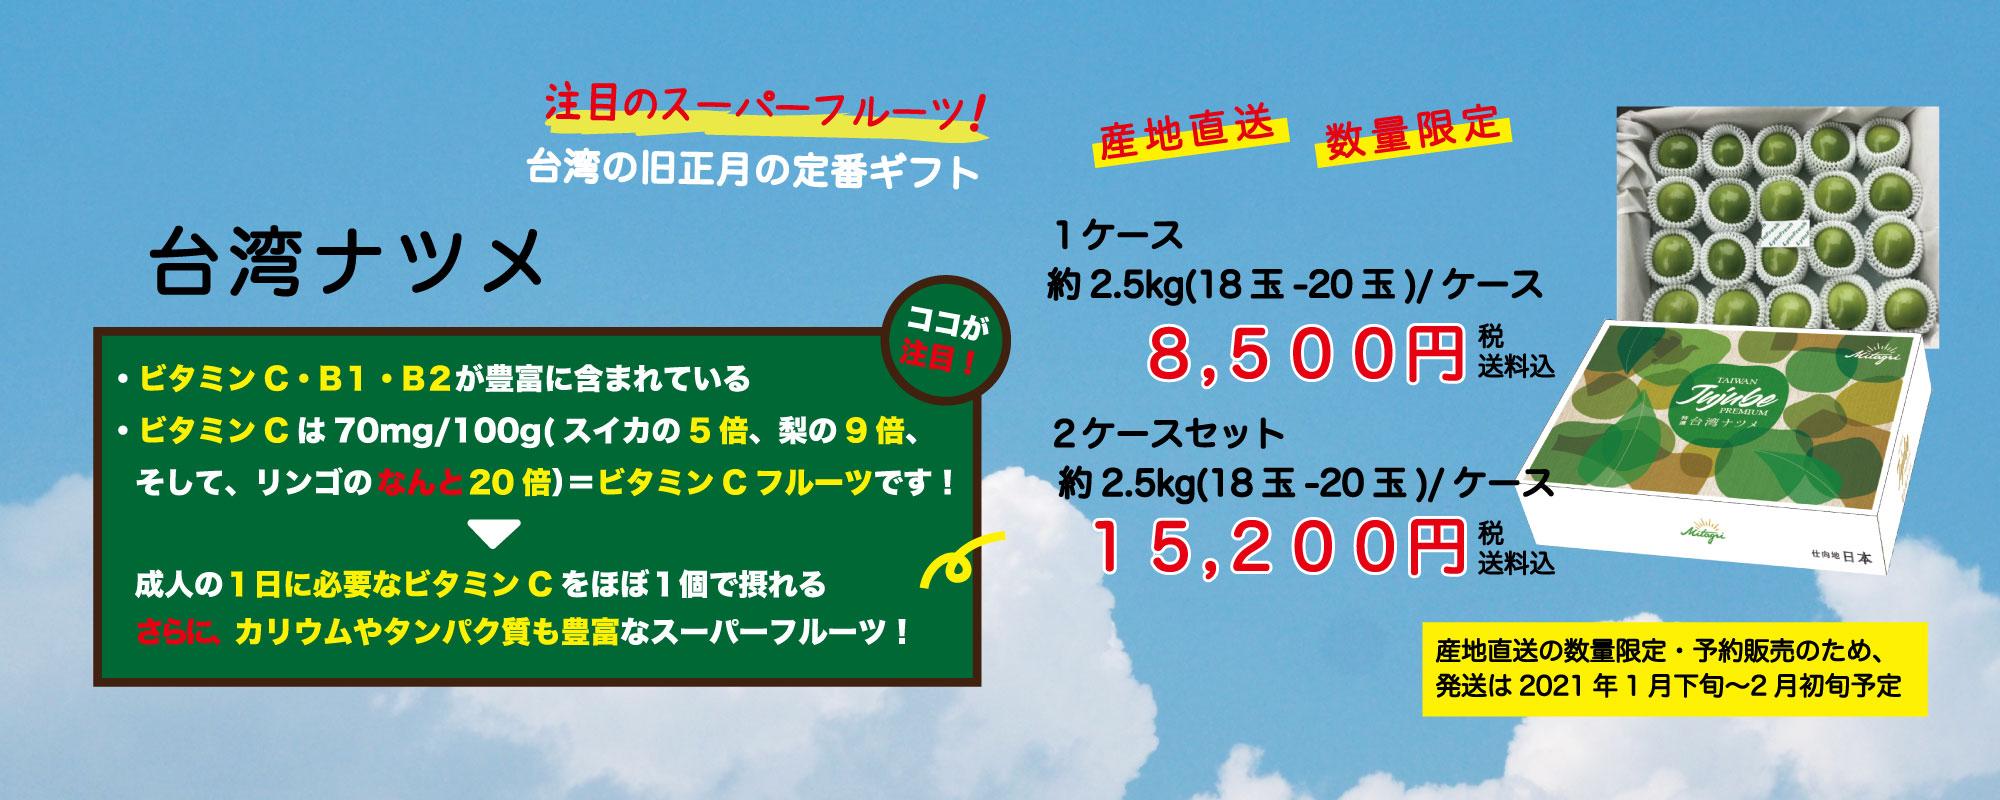 natsume_banner